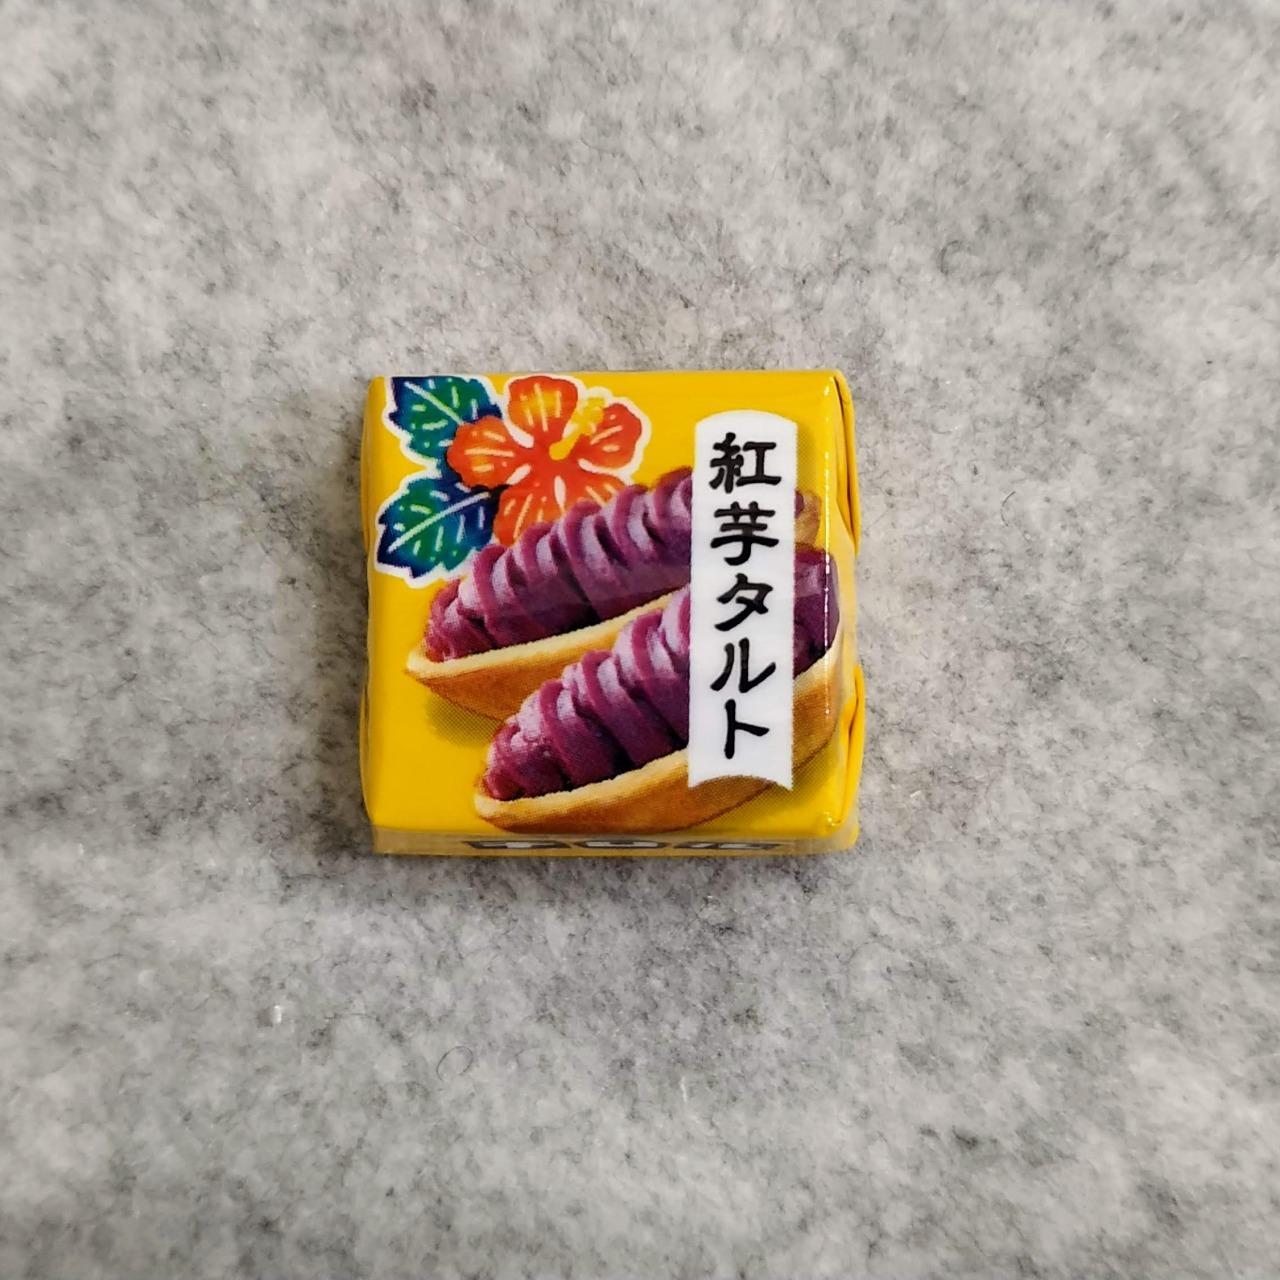 チロルチョコ 沖縄スイーツ紅色タルト